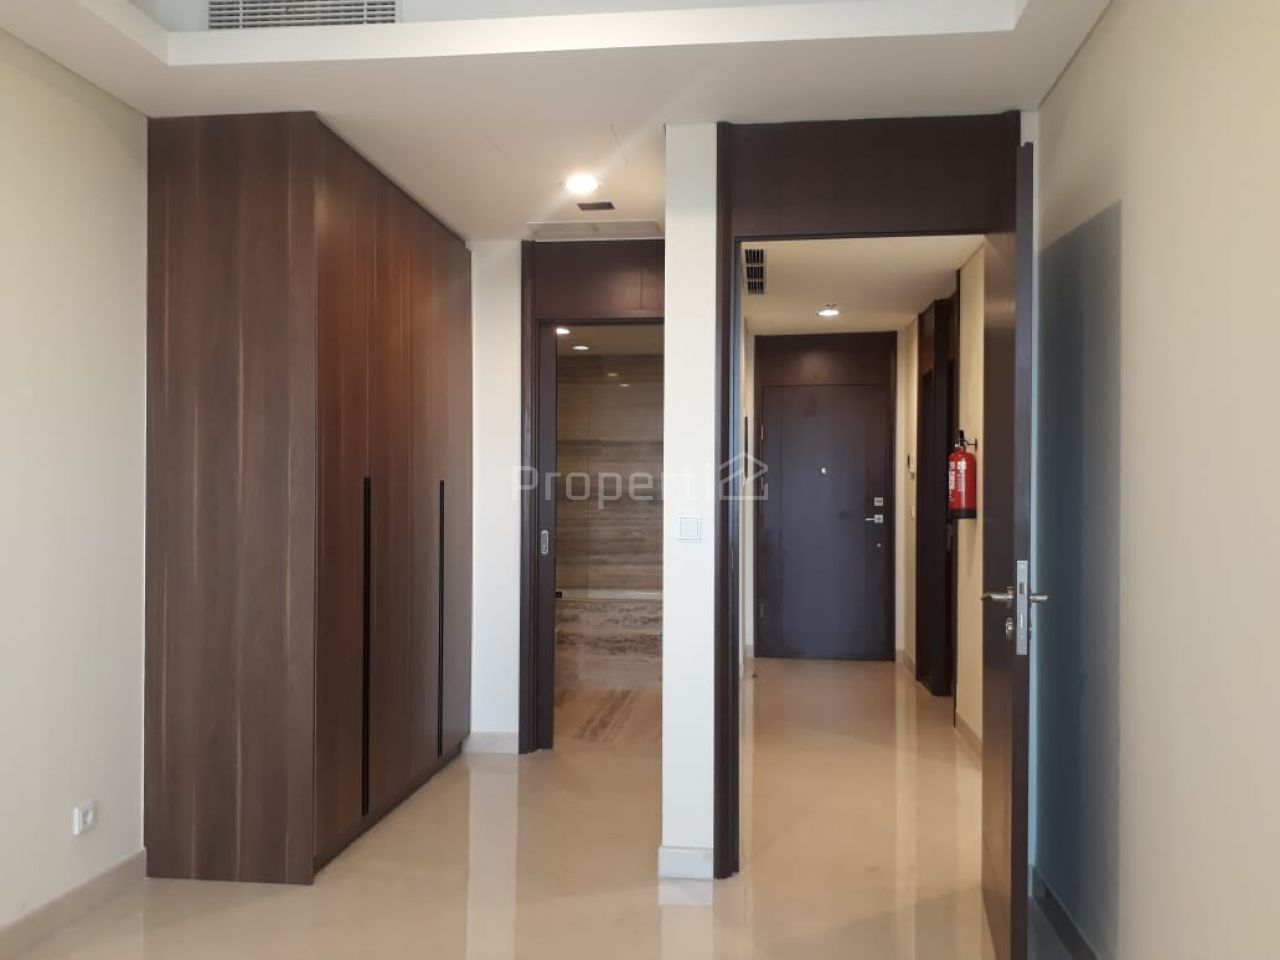 Unit 2BR Tower Maya Pondok Indah Residences, Lantai 11, Jakarta Selatan